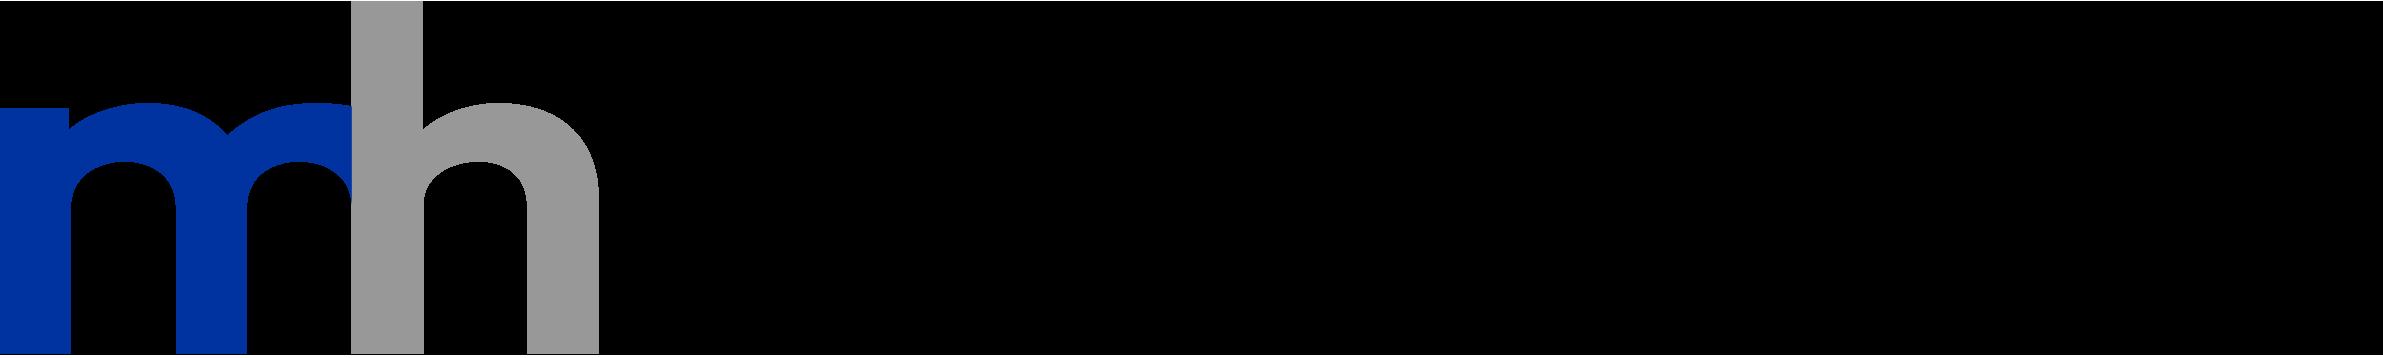 mhINDUSTRIAS